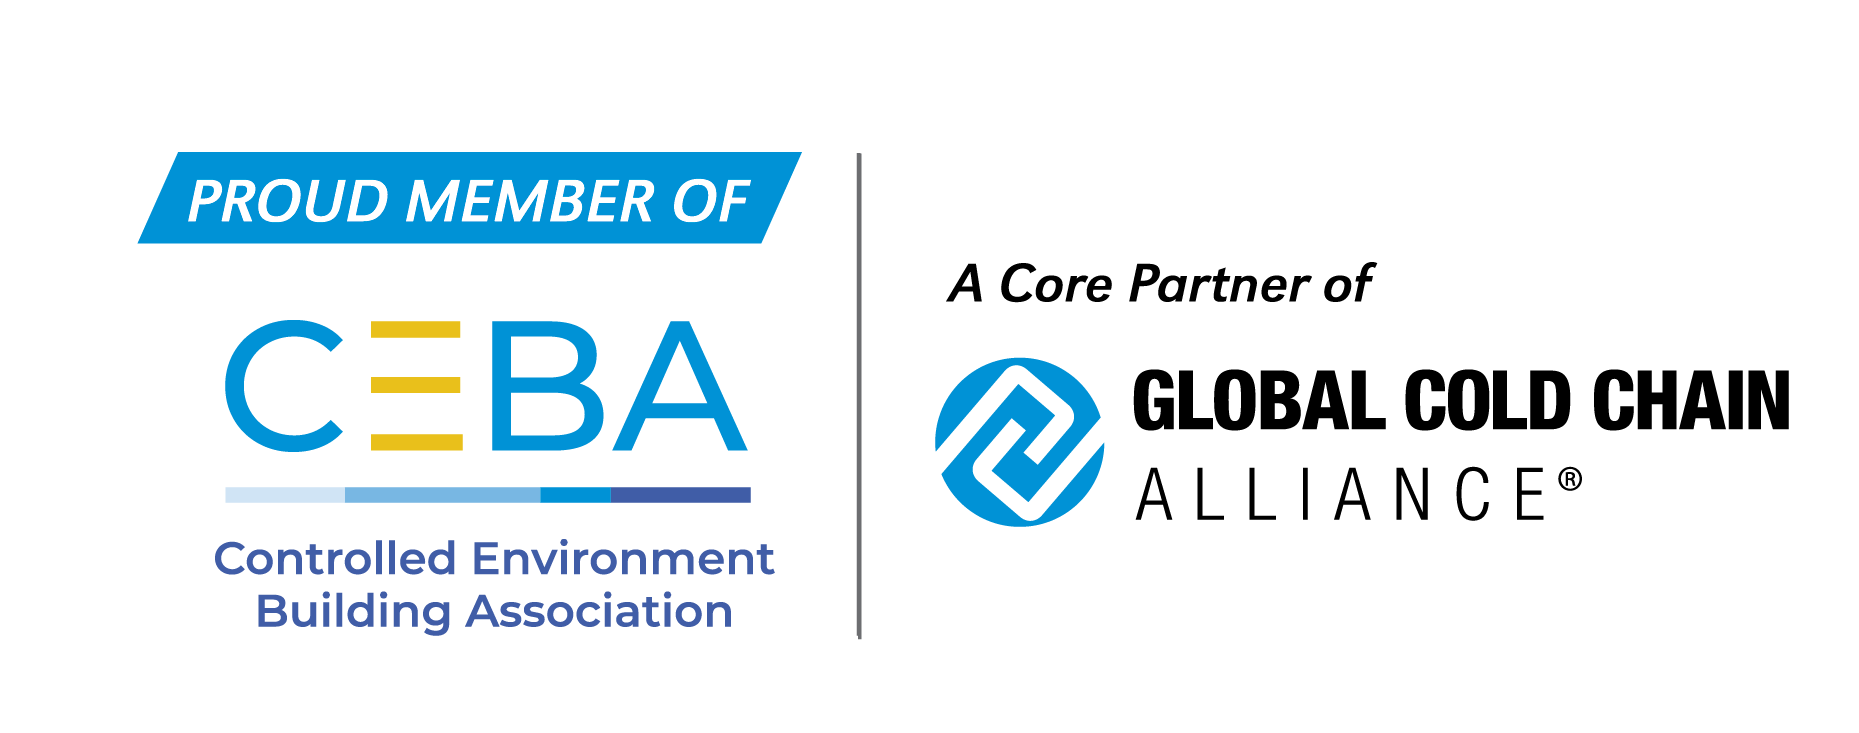 CEBA Proud Partner Logo